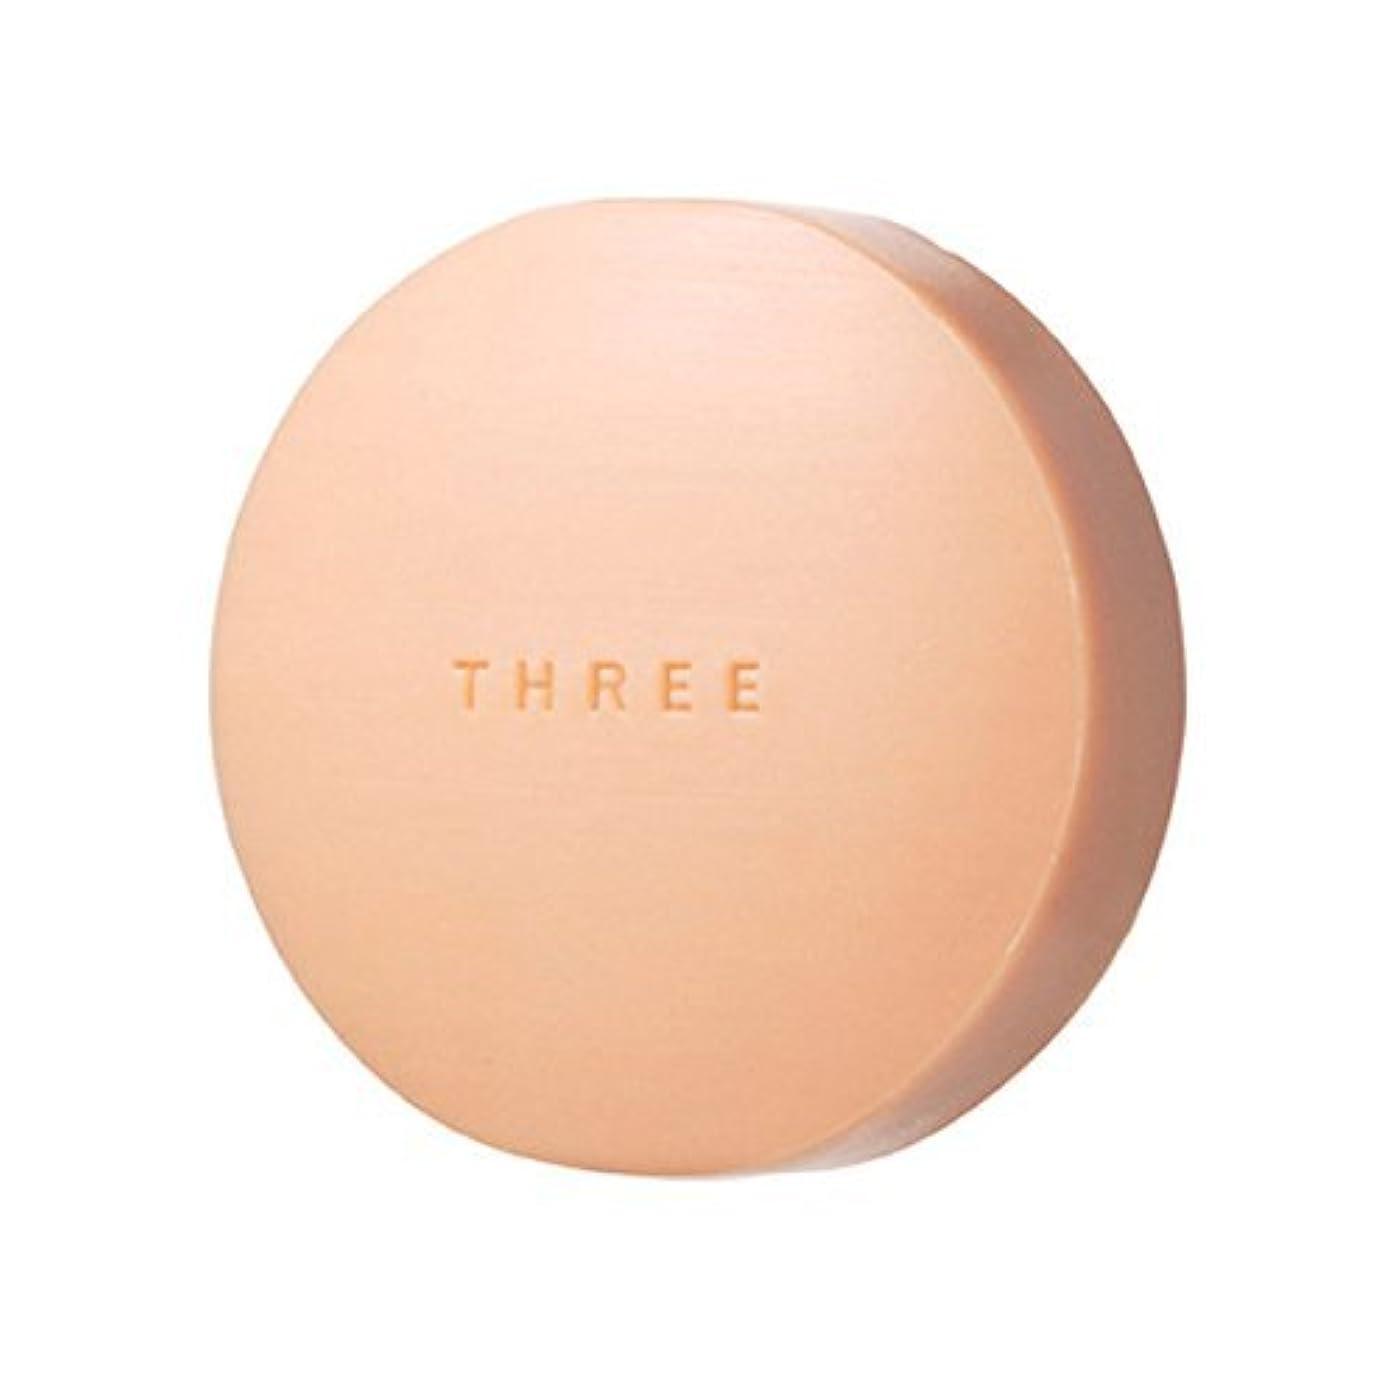 ふつう蒸発人気THREE(スリー) THREE エミング ソープ 80g